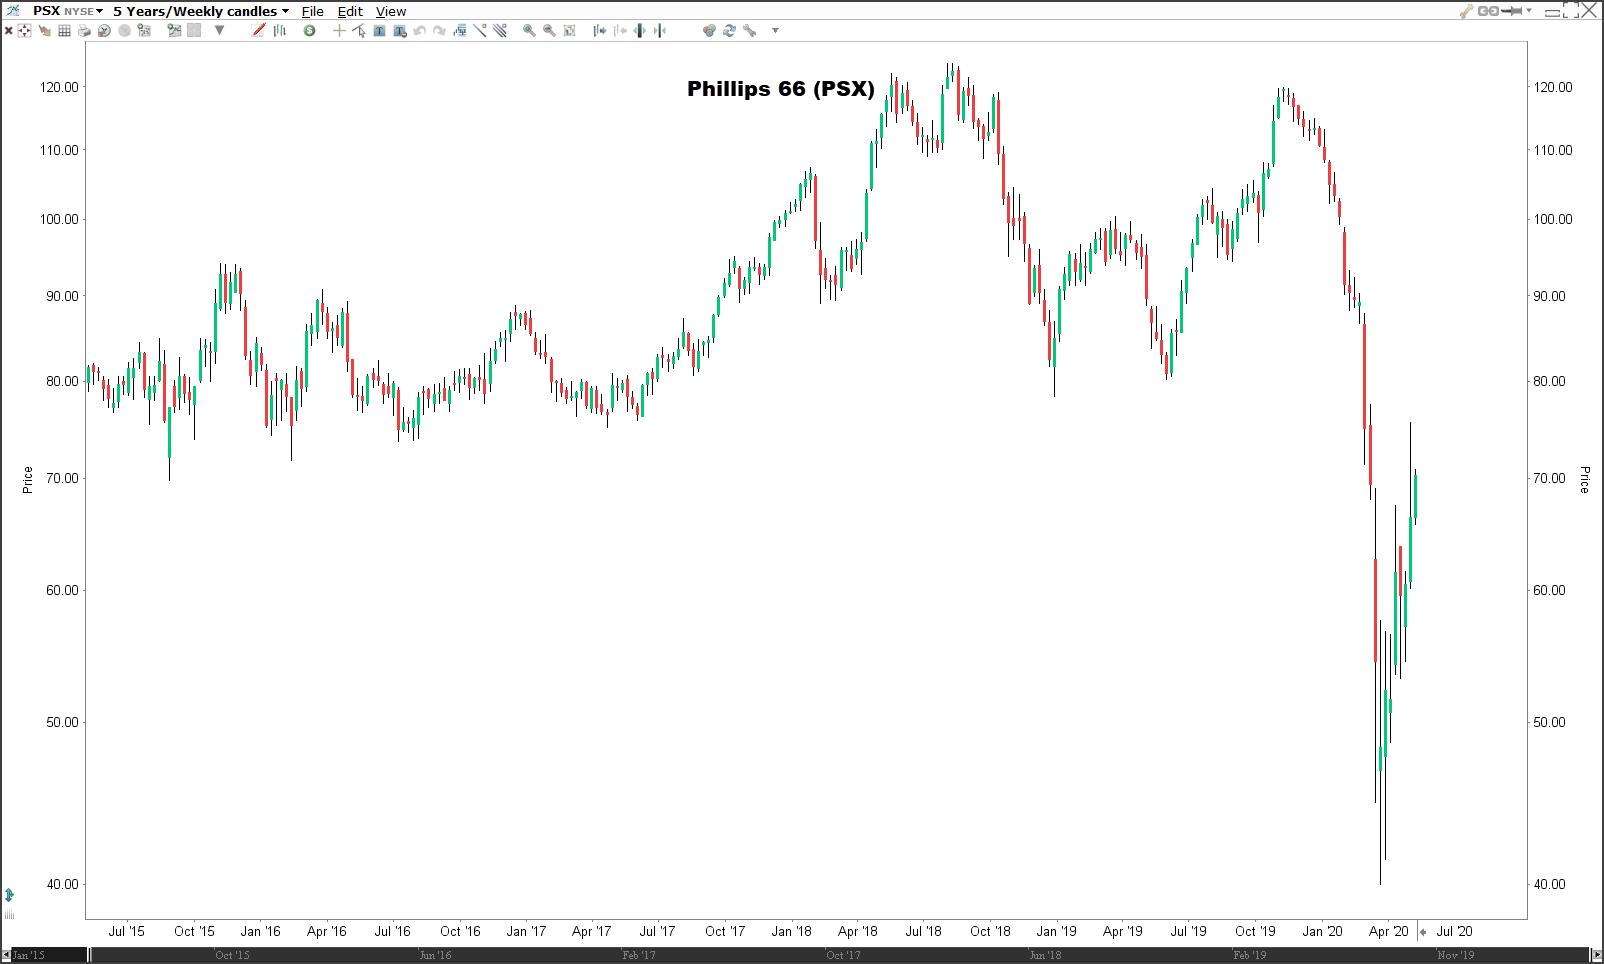 Beleggen in olie-aandelen Phillips 66